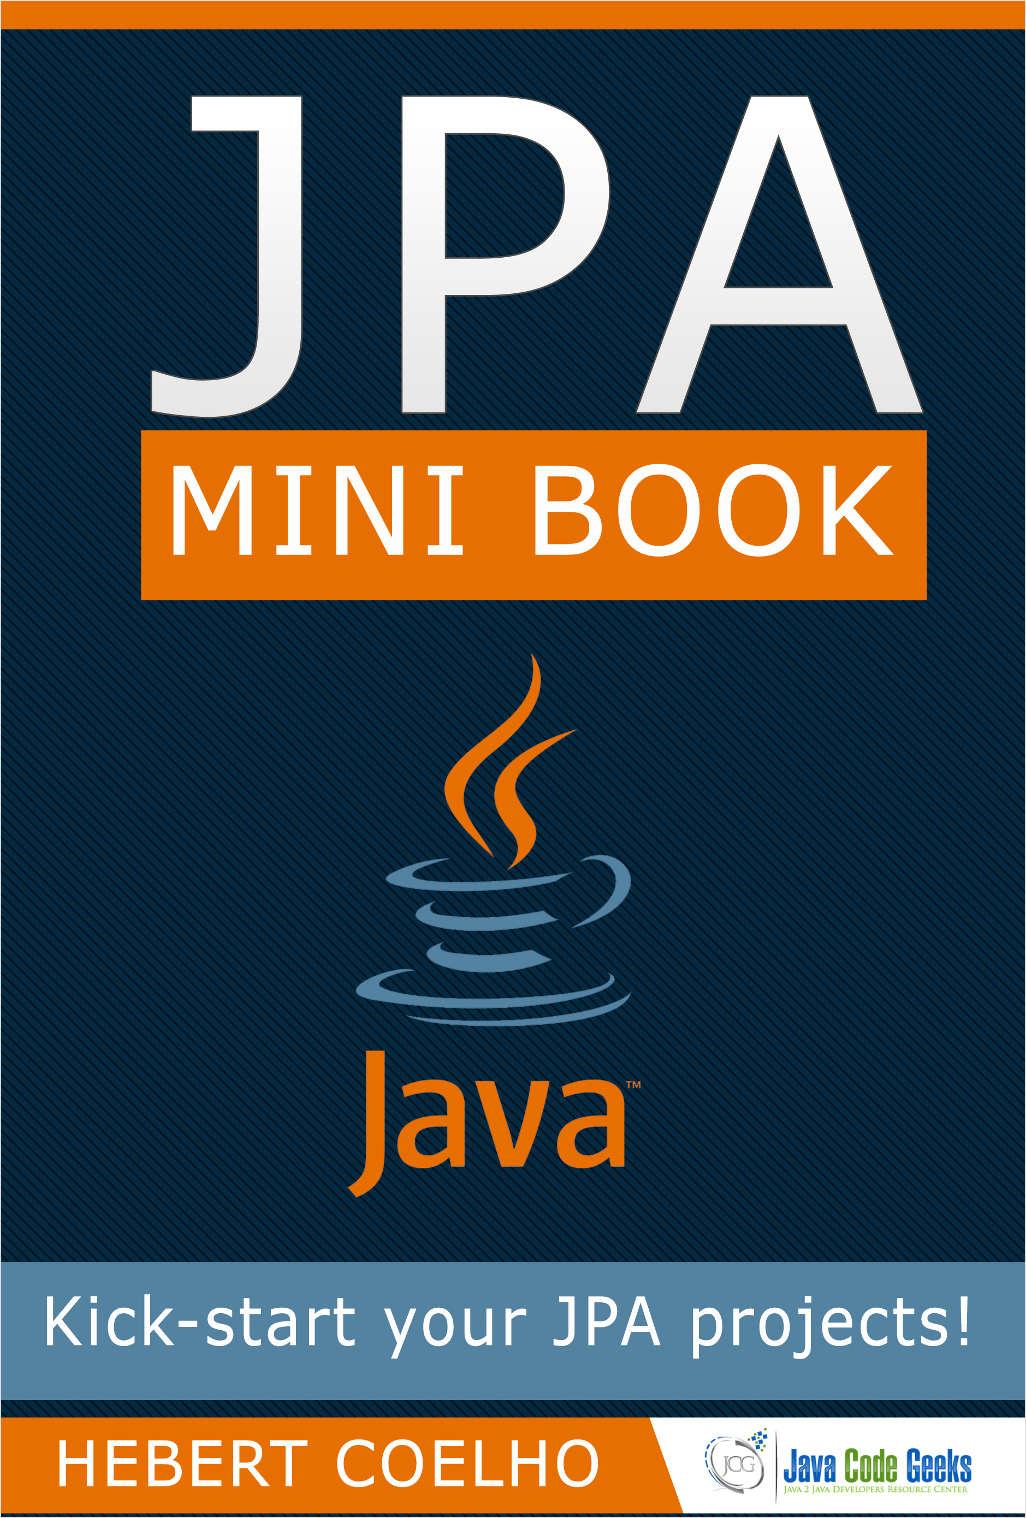 JPA Mini Book